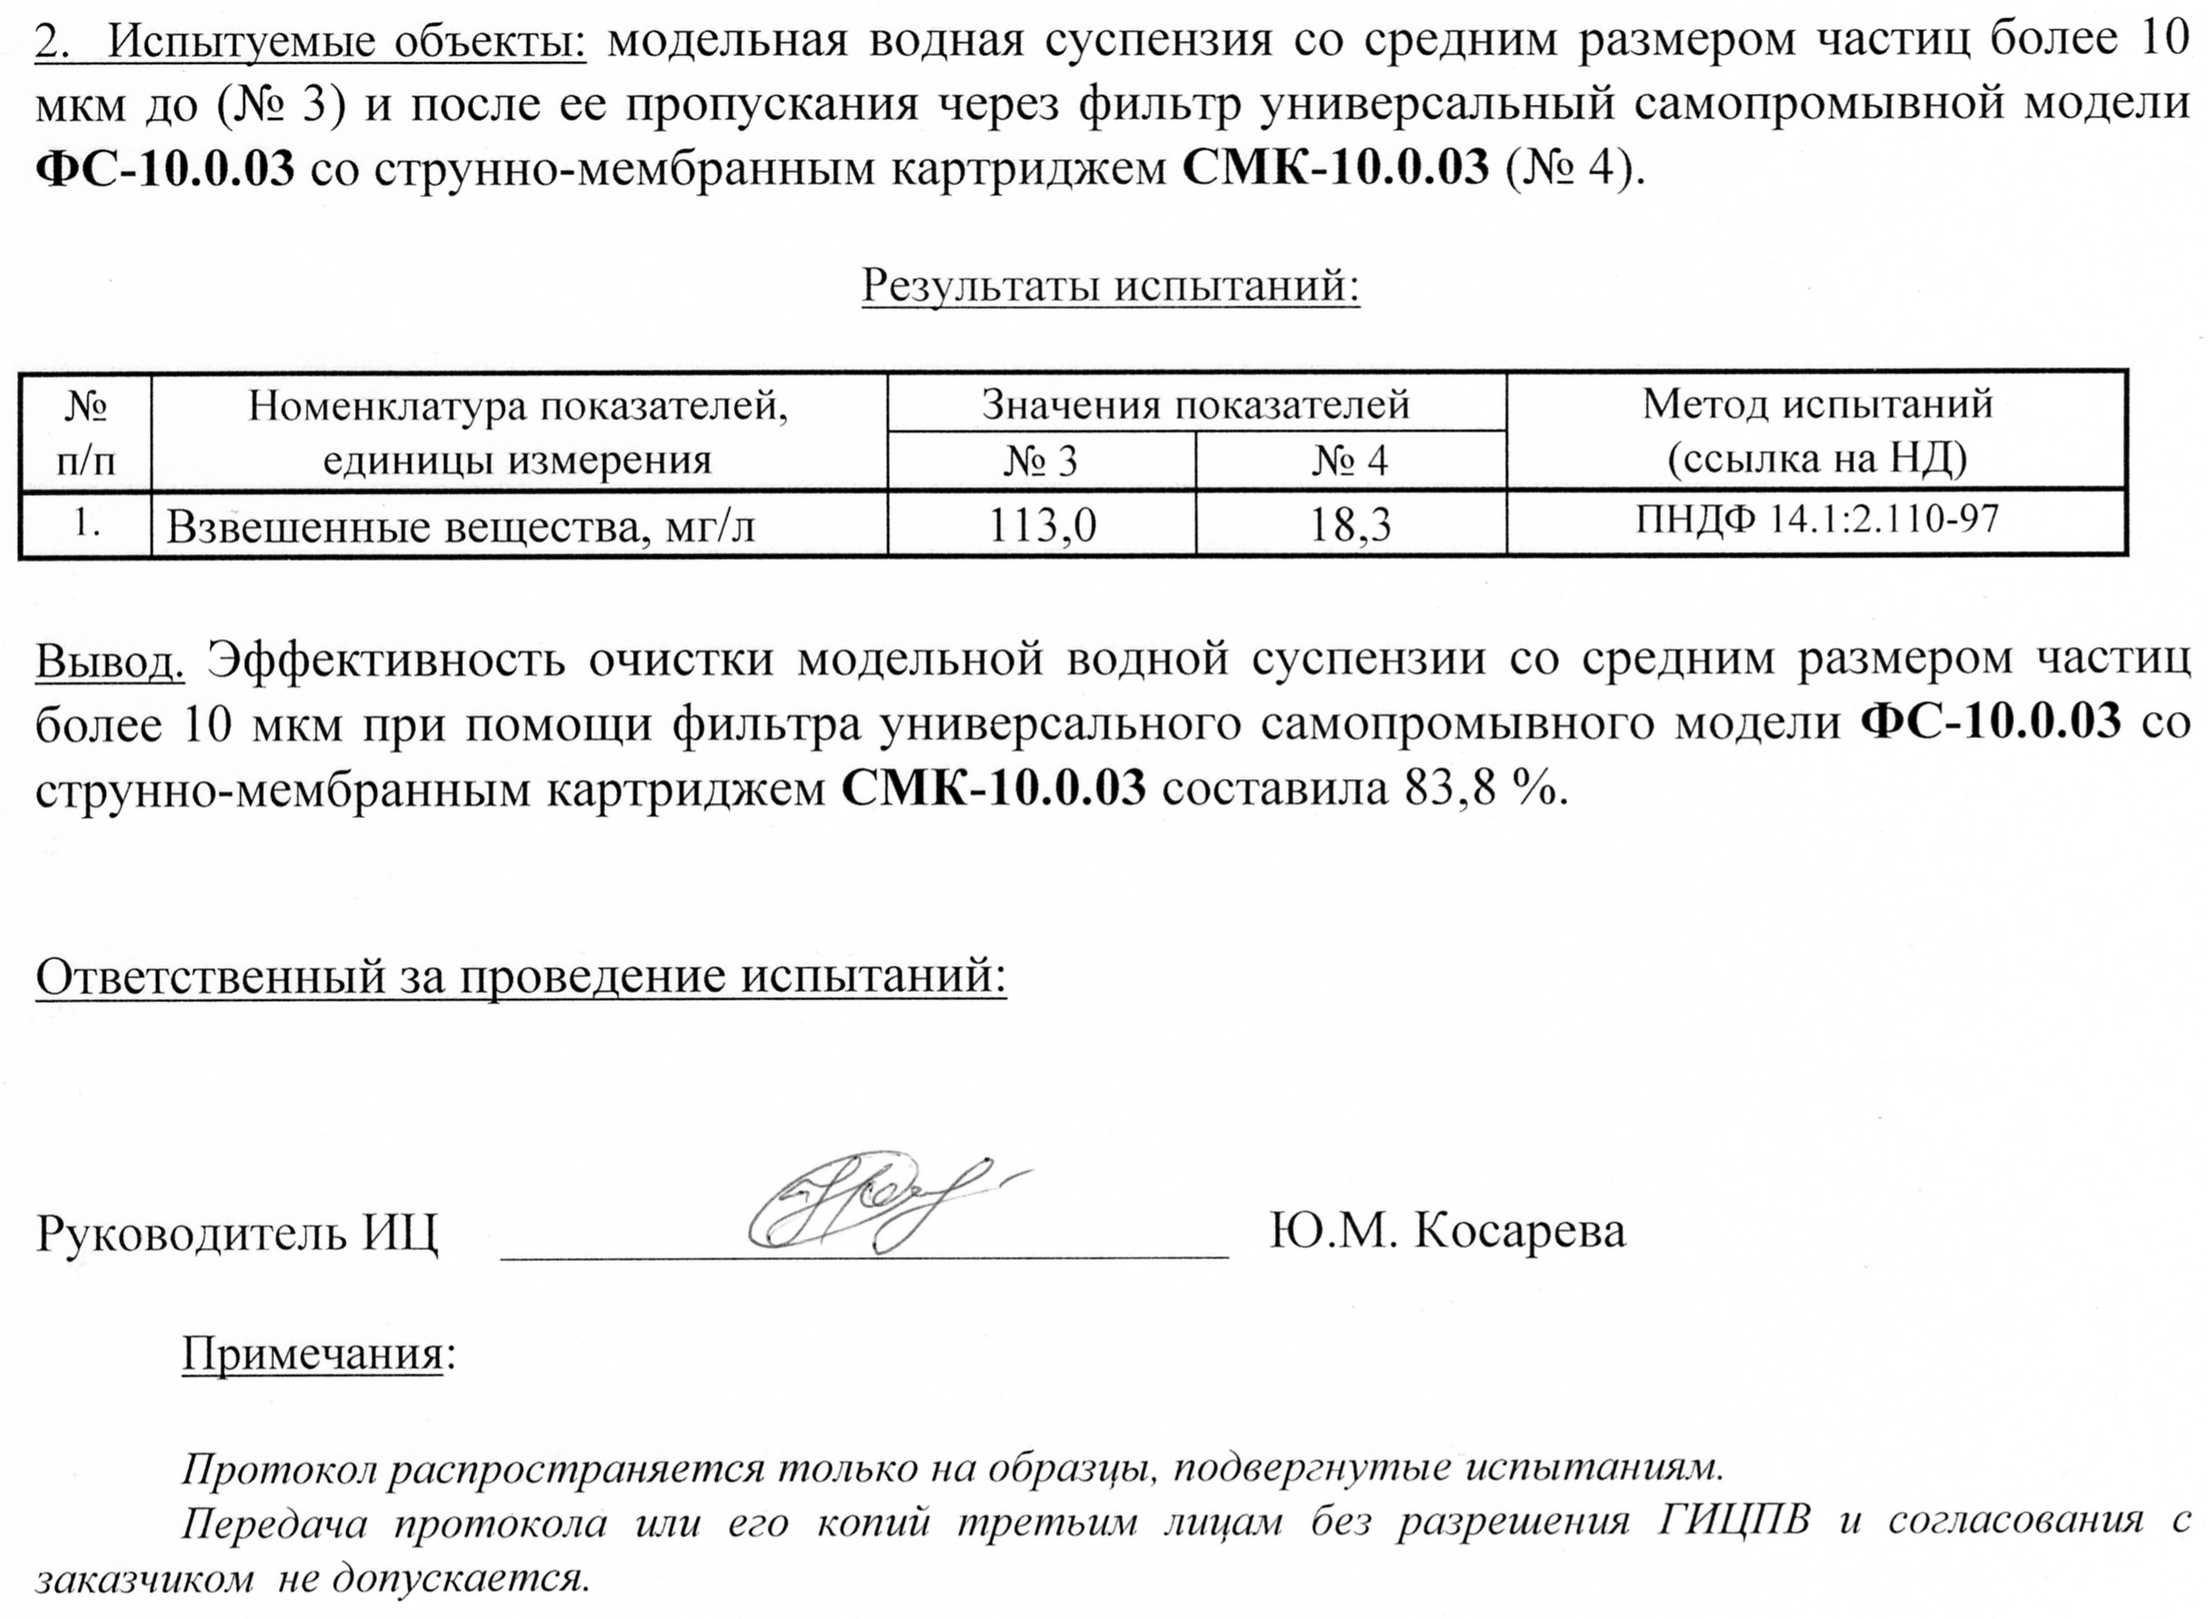 http://souzintellekt.ru/images/upload/испытание%20с%20дистилированной%20водой2.jpg